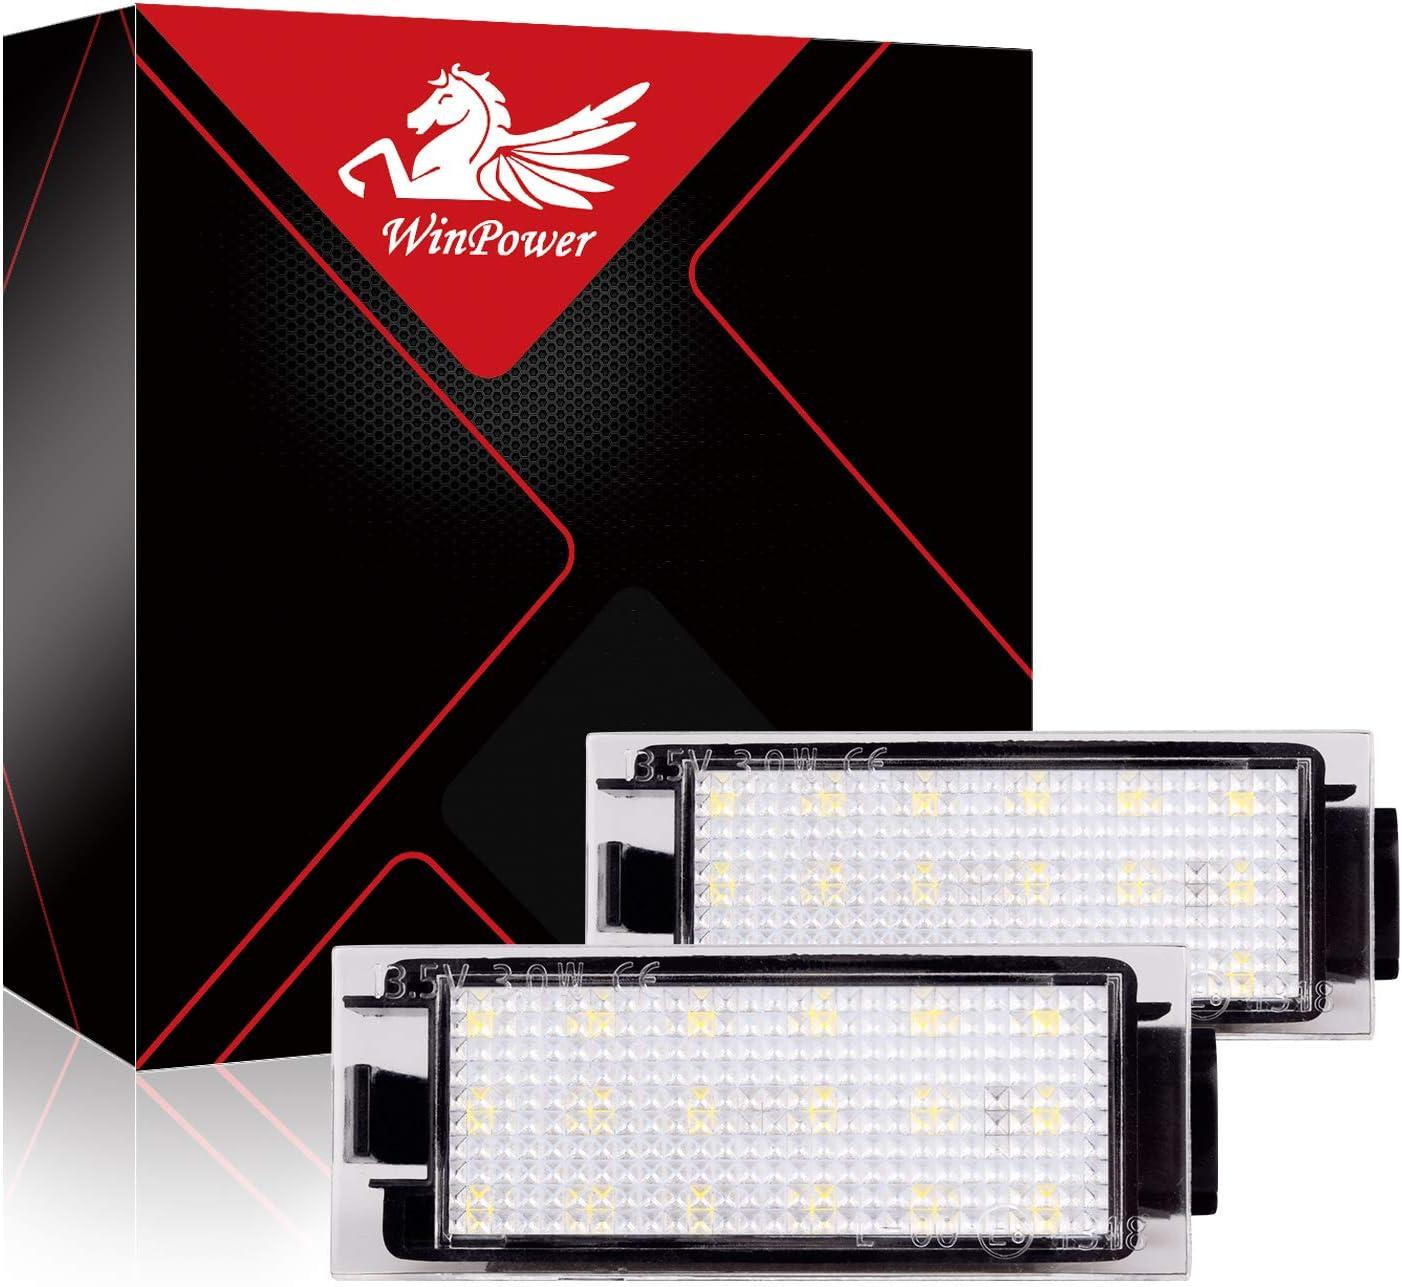 WinPower LED Plaque dimmatriculation Lumi/ère ampoule Trousse blanc Pas derreur Lampe 18 SMD Mise /à niveau des lumi/ères 2 pi/èces